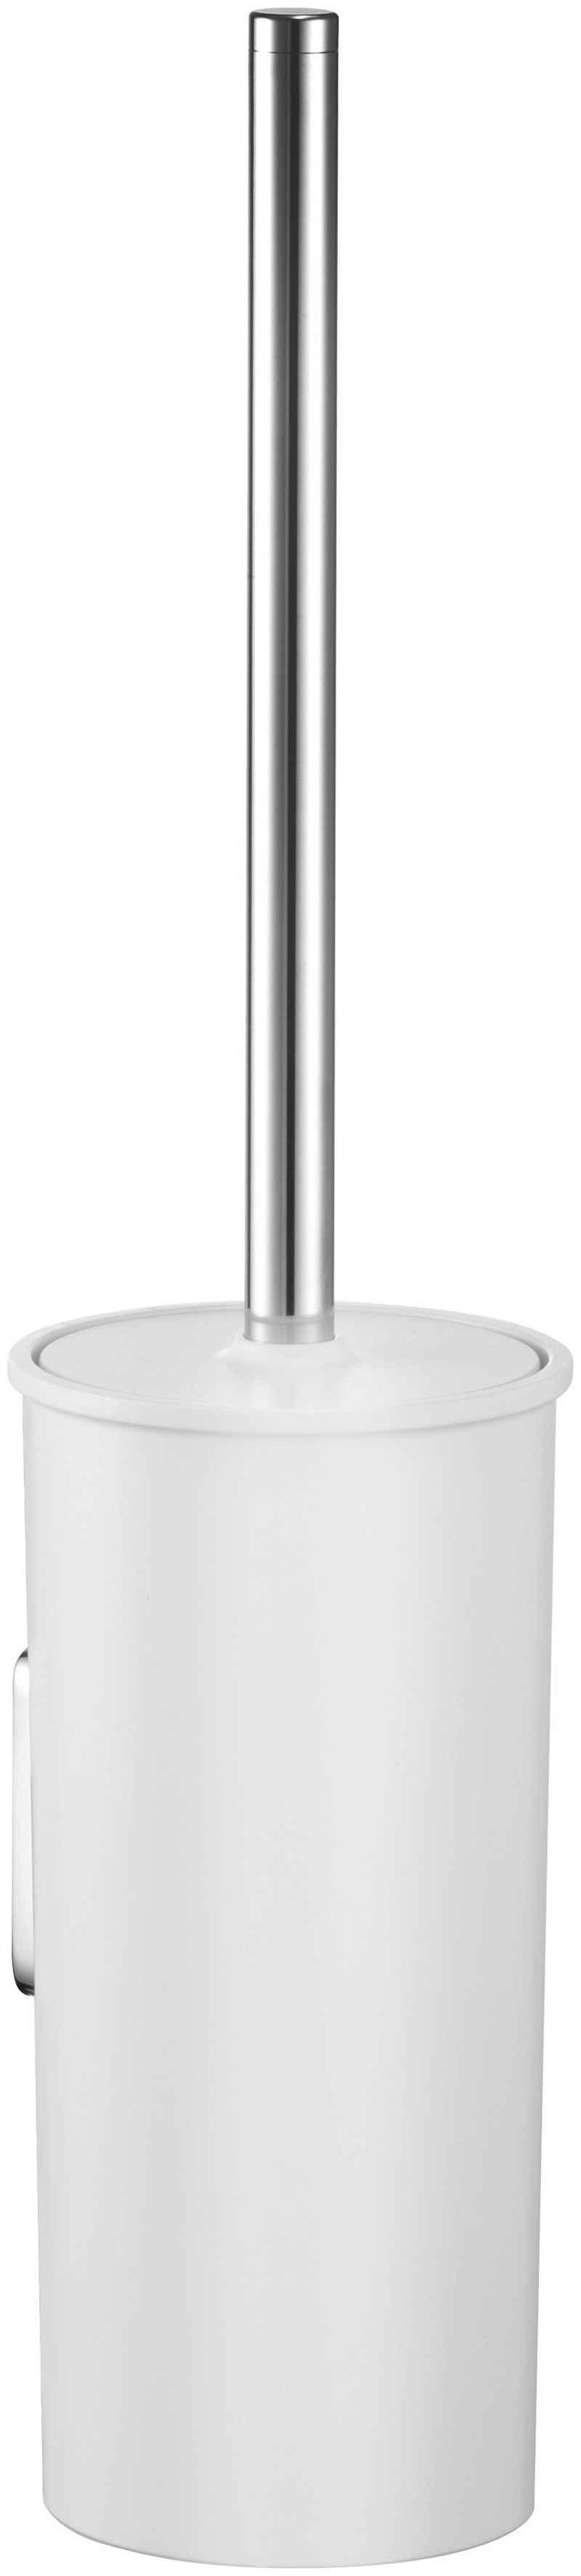 WC-Garnitur »Collection Moll«, Keuco, mit Opak-Kunststoff-Einsatz mattiert